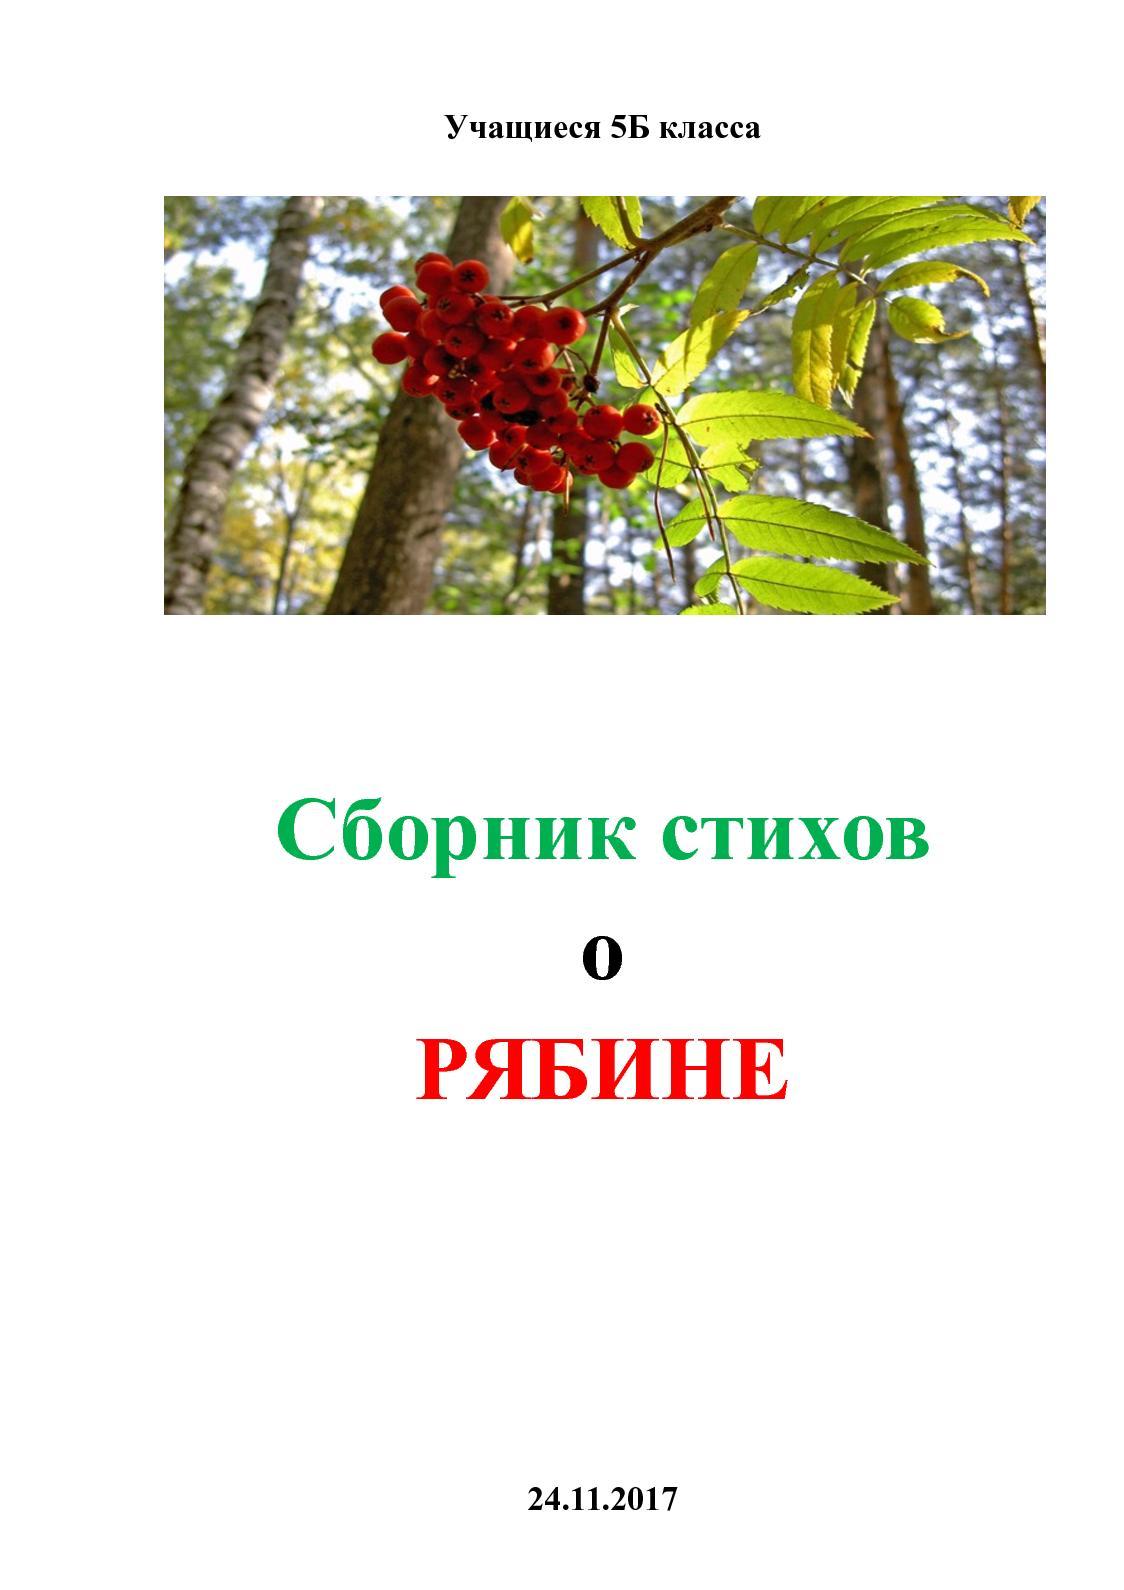 страховочных пакетов рябина стихи русских поэтов того, таинственный